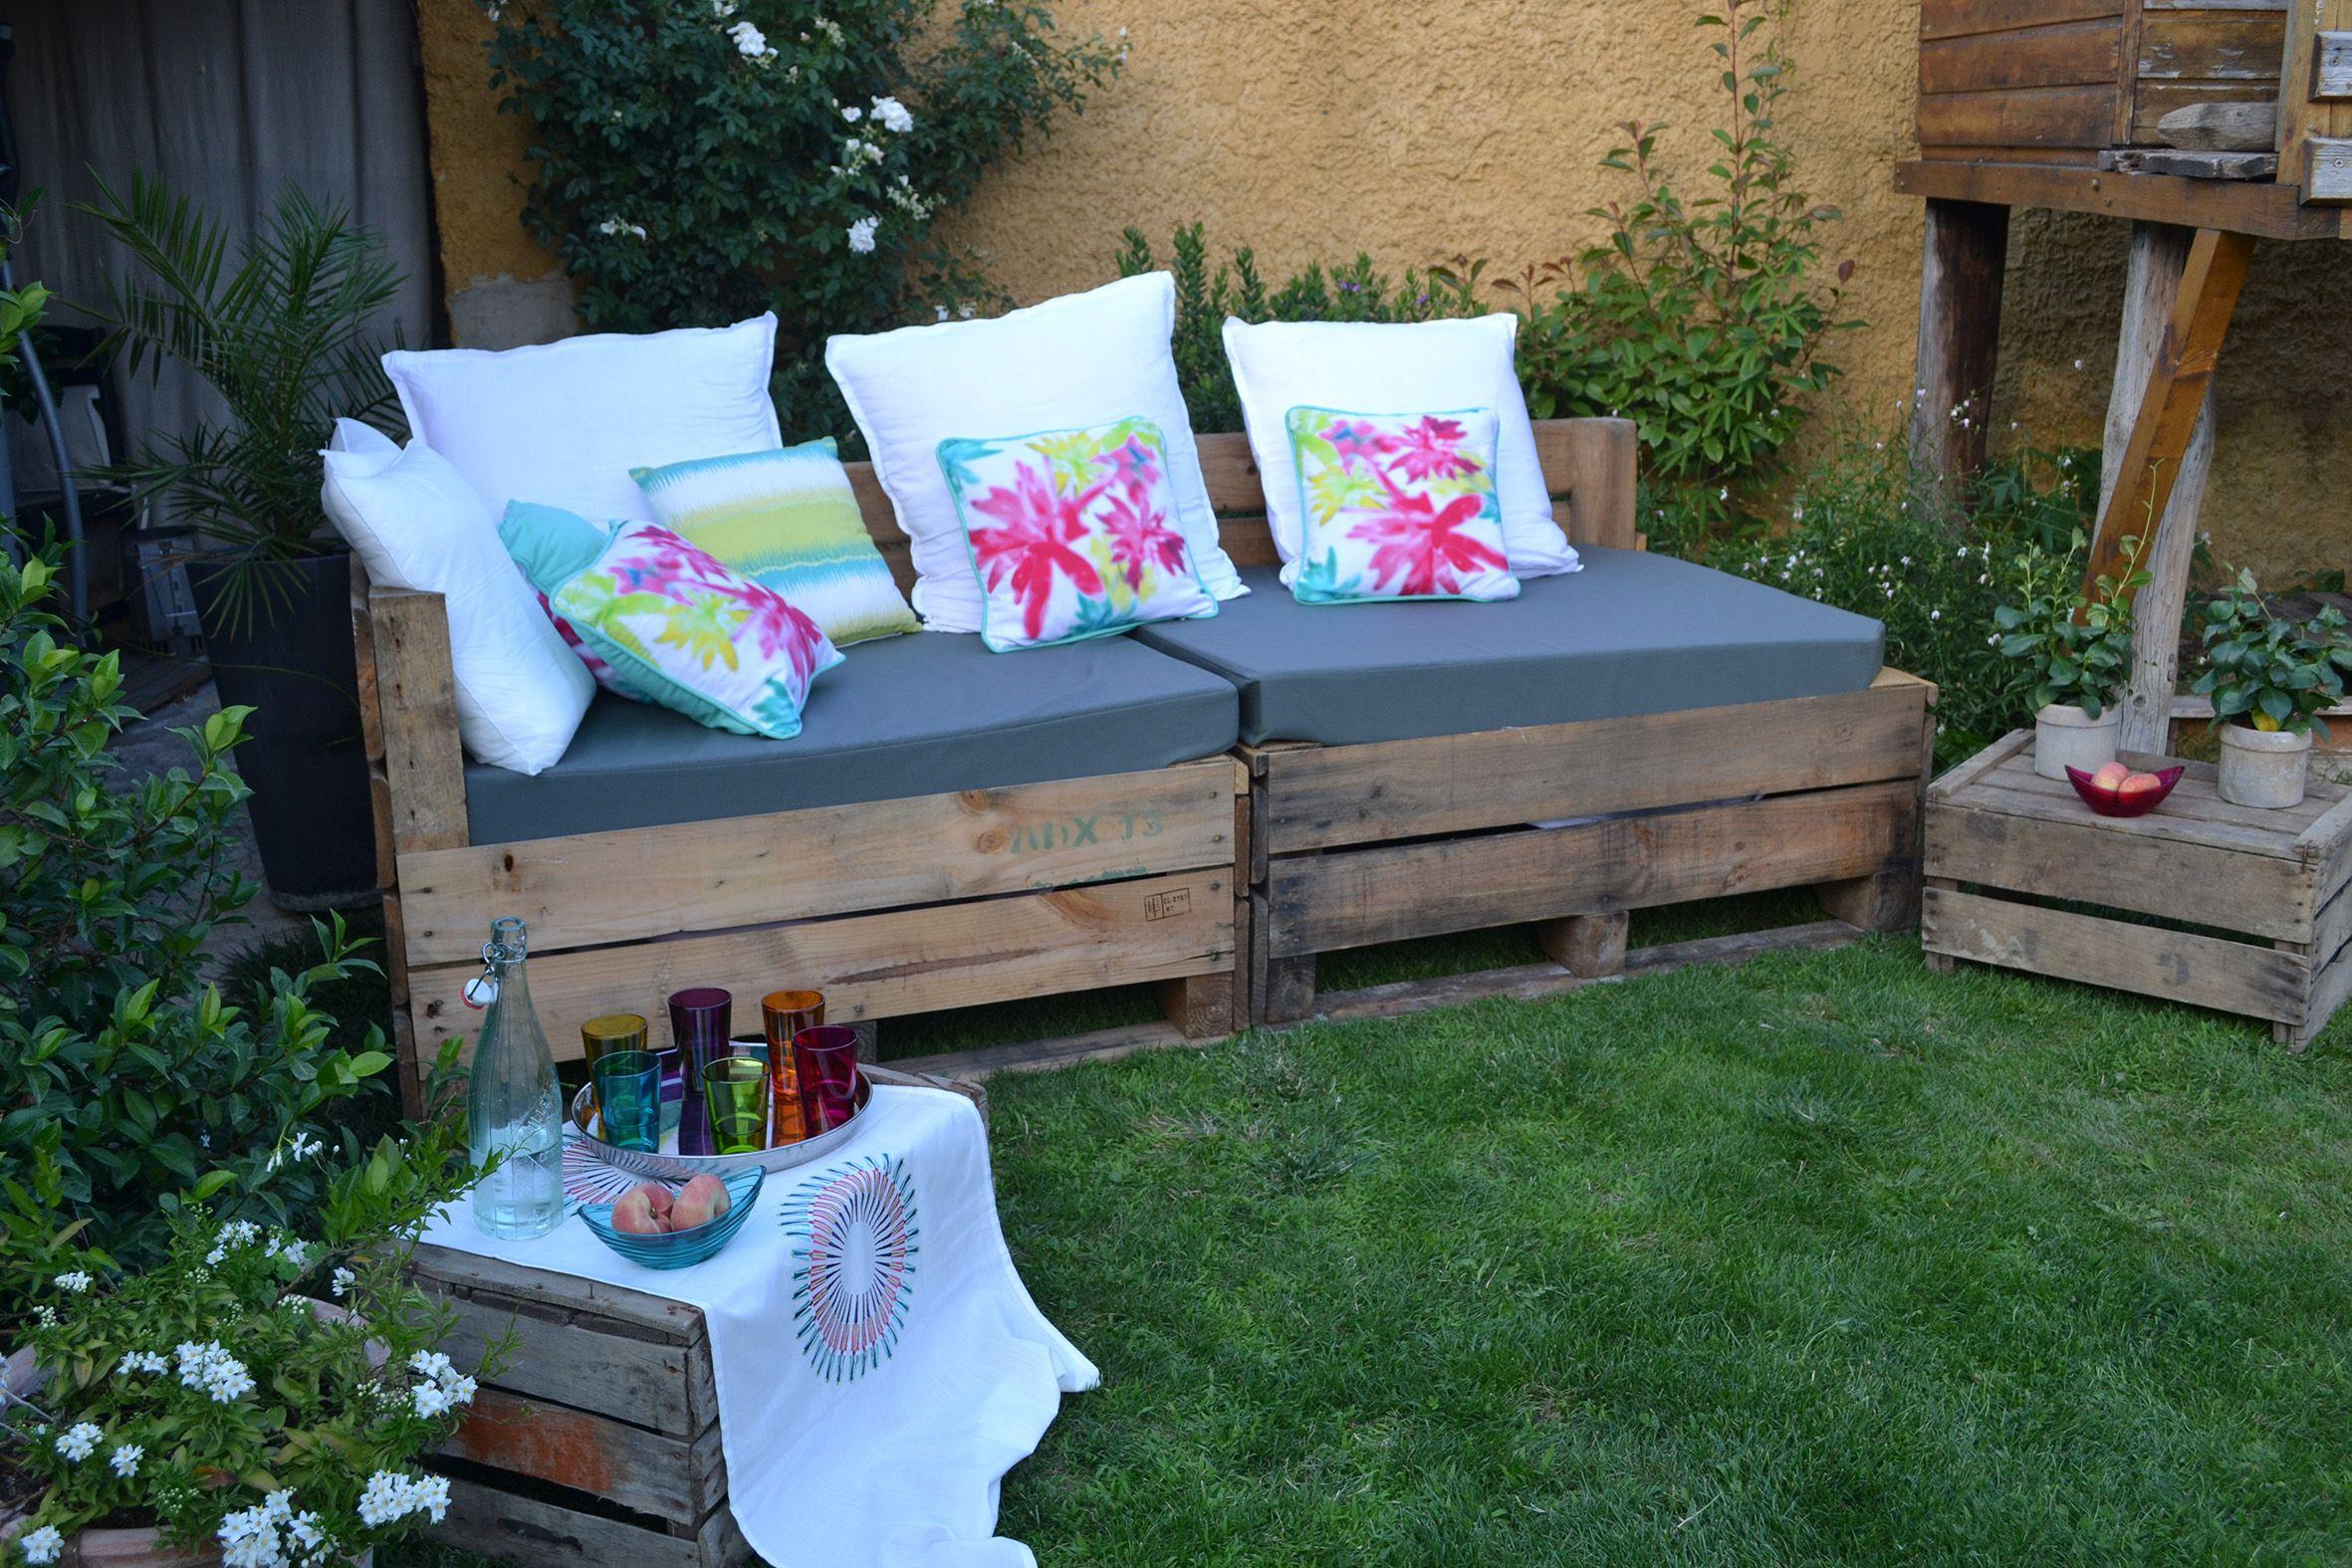 banquette id al pour une terrasse construite avec de. Black Bedroom Furniture Sets. Home Design Ideas